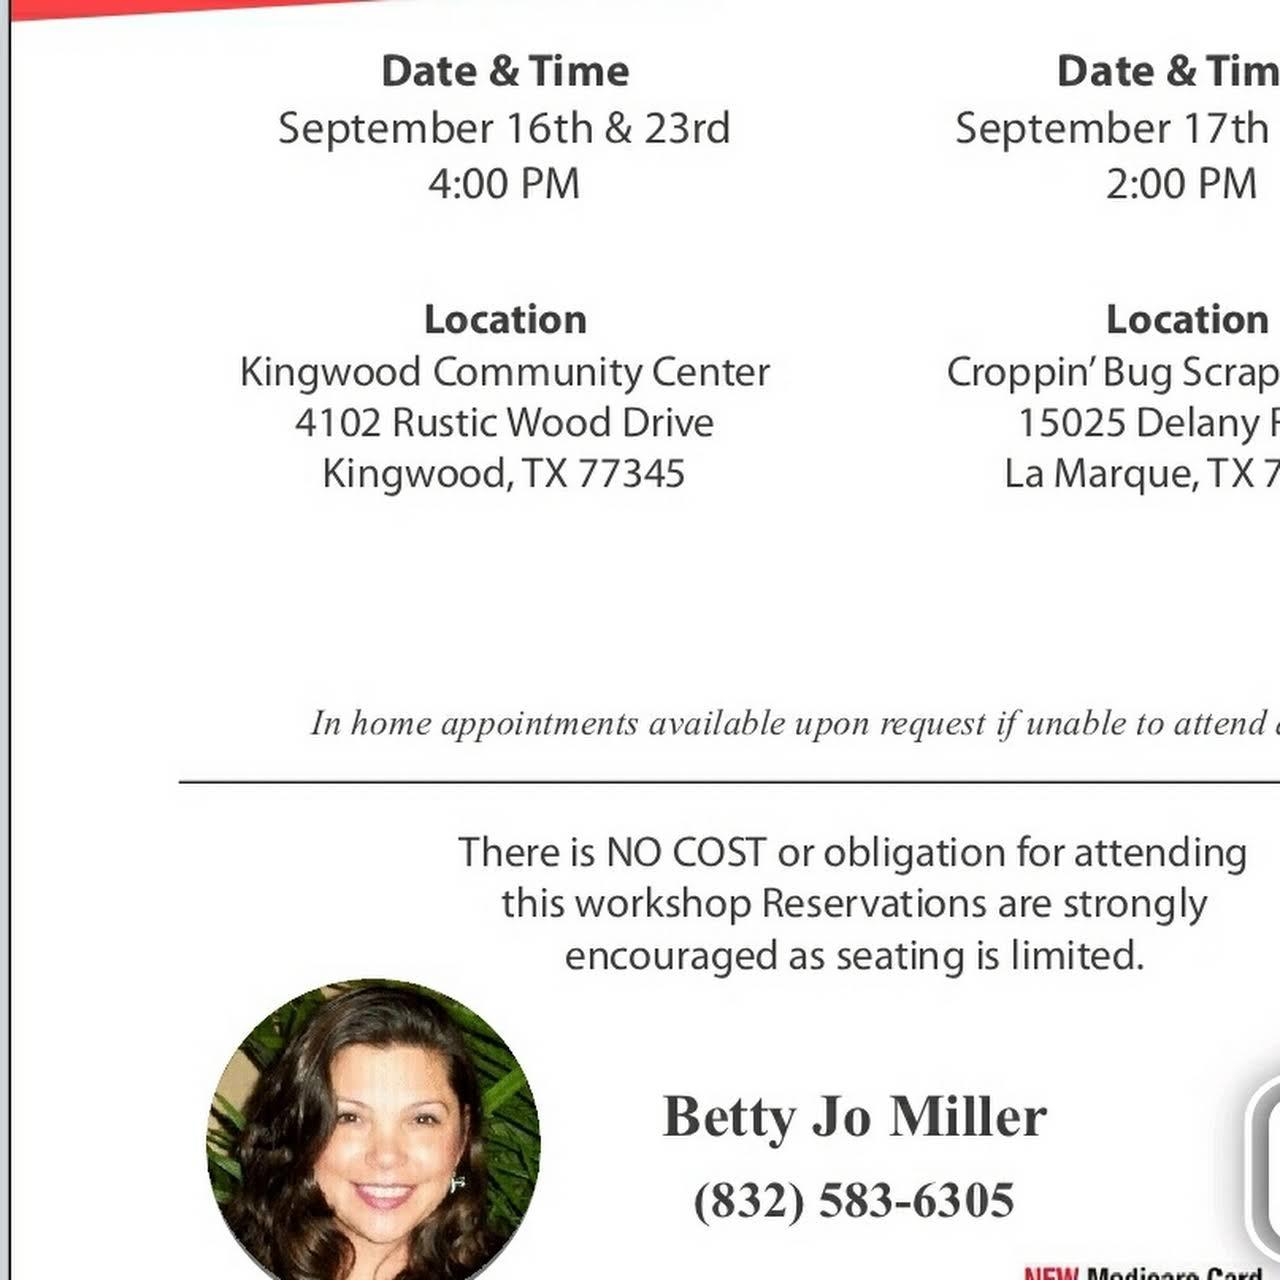 Betty Jo Miller - Health Insurance Agency